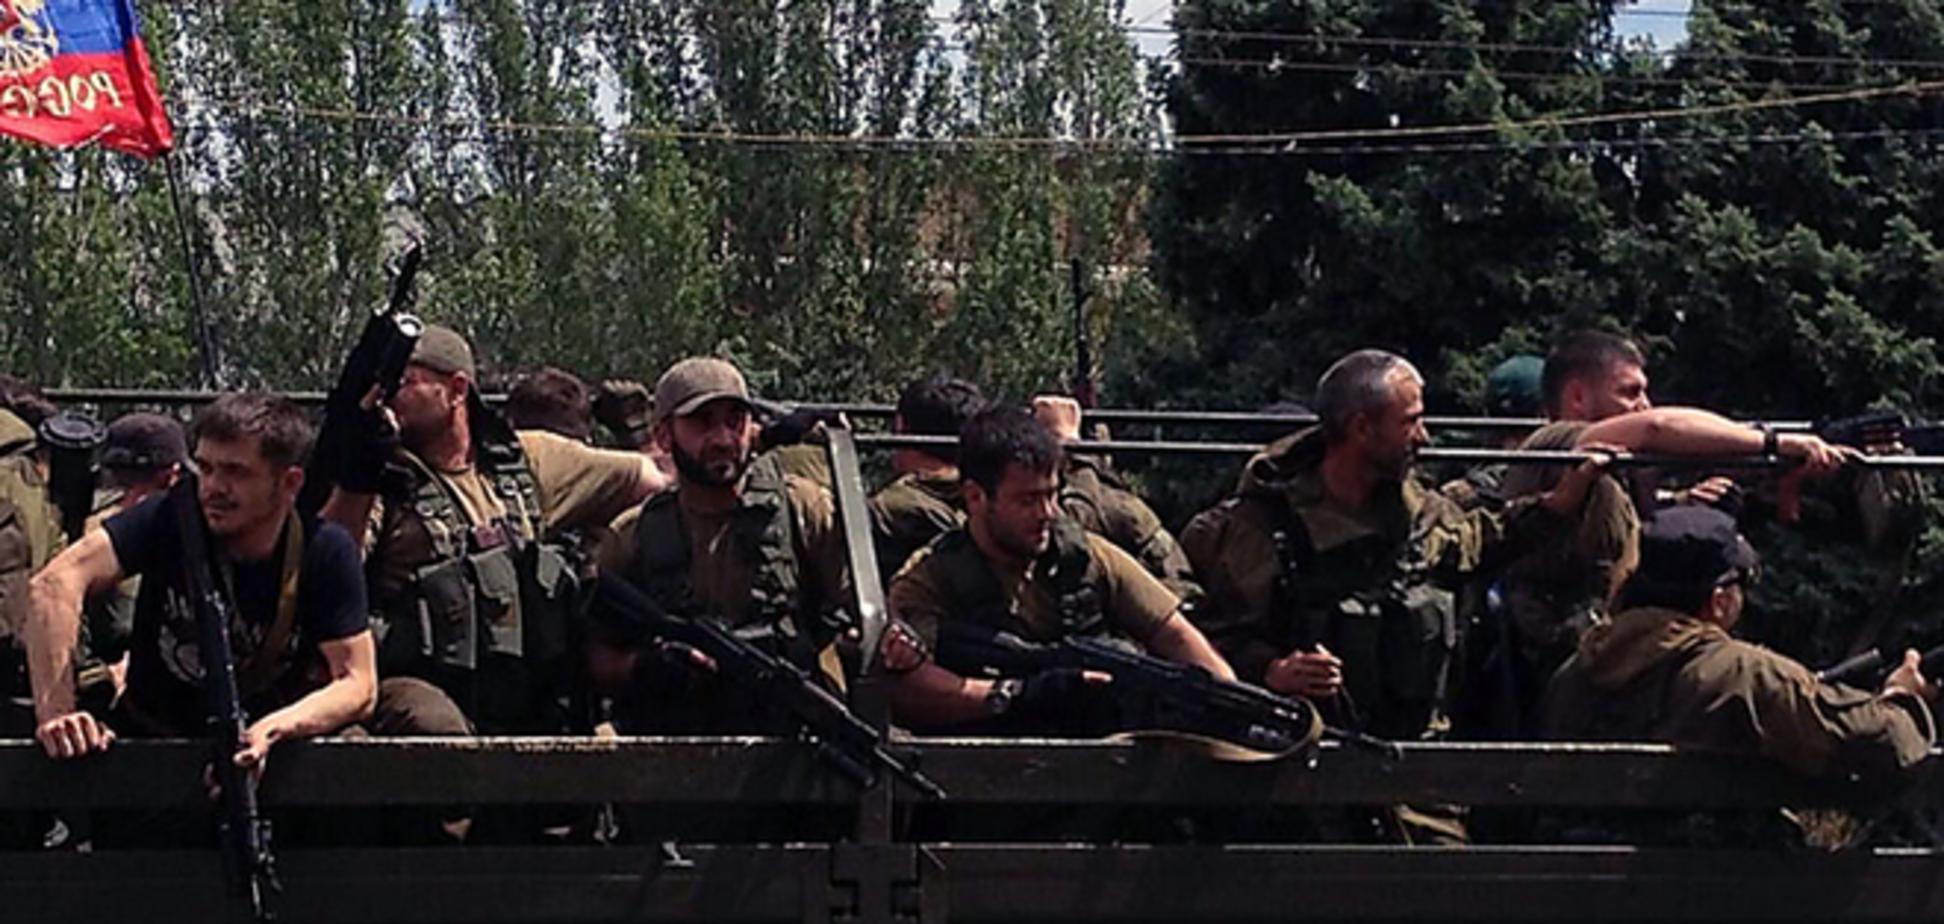 Украинские пограничники пропускают российских террористов через границу за деньги - СМИ